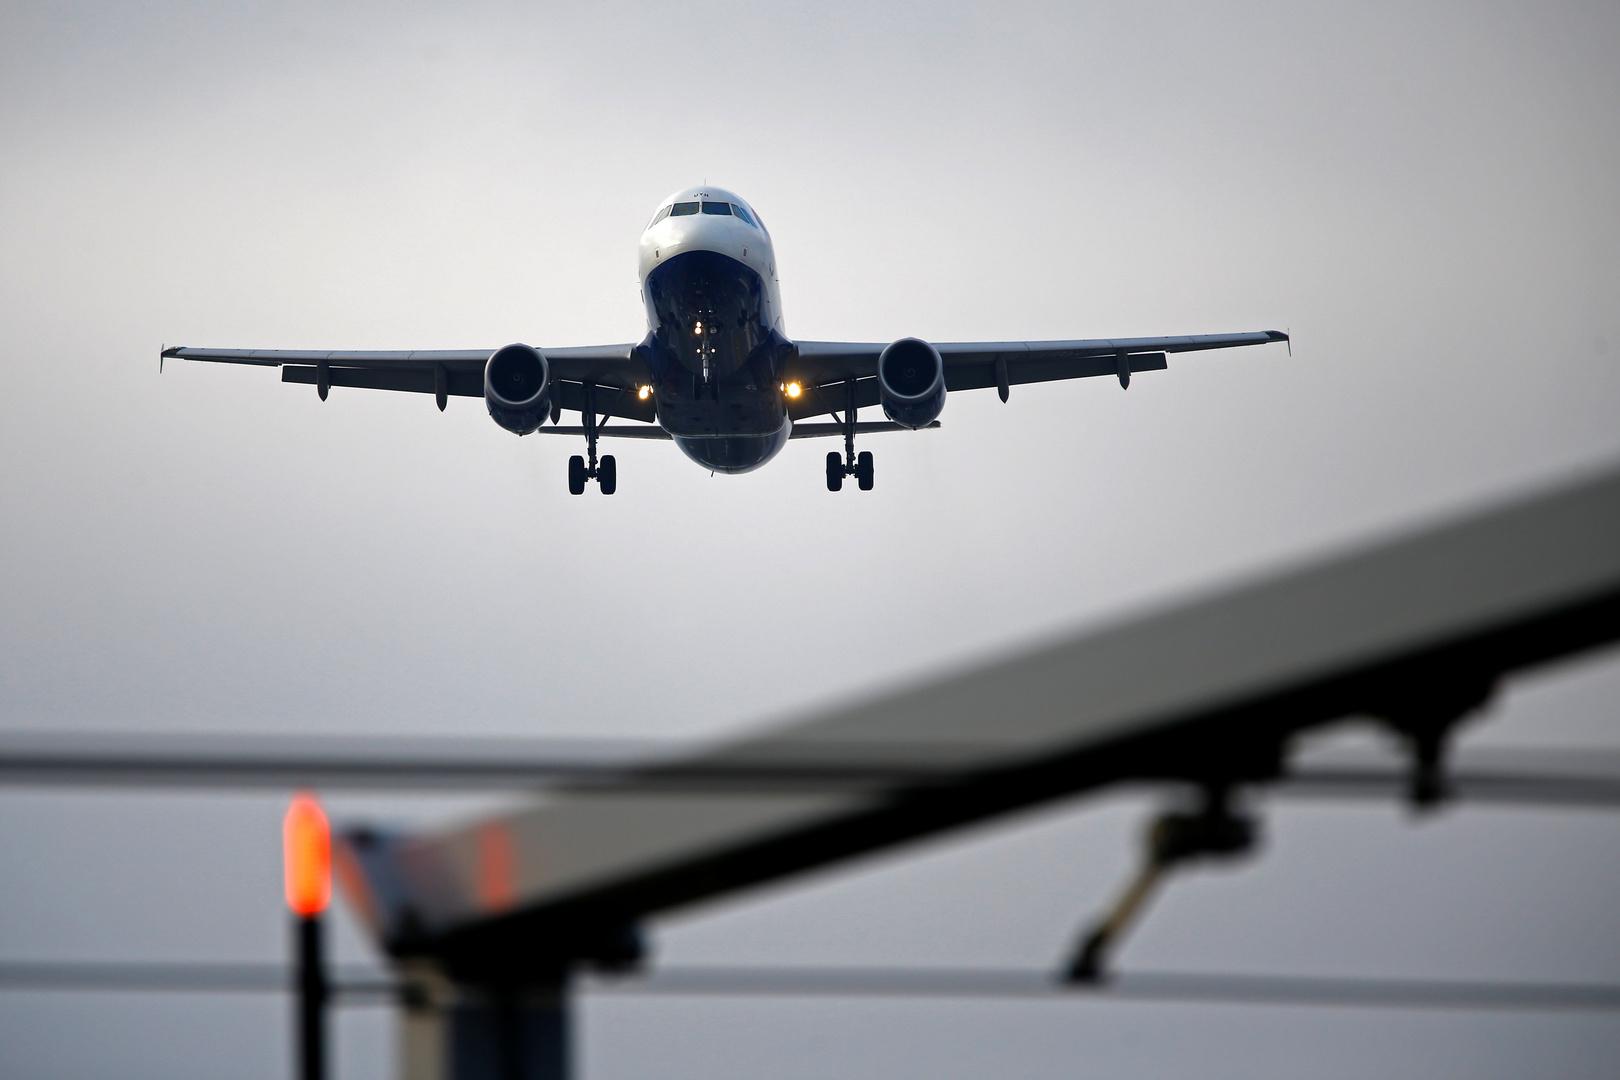 خسائر كارثية تواجه شركات الطيران في الشرق الأوسط.. بيانات رسمية من أياتا